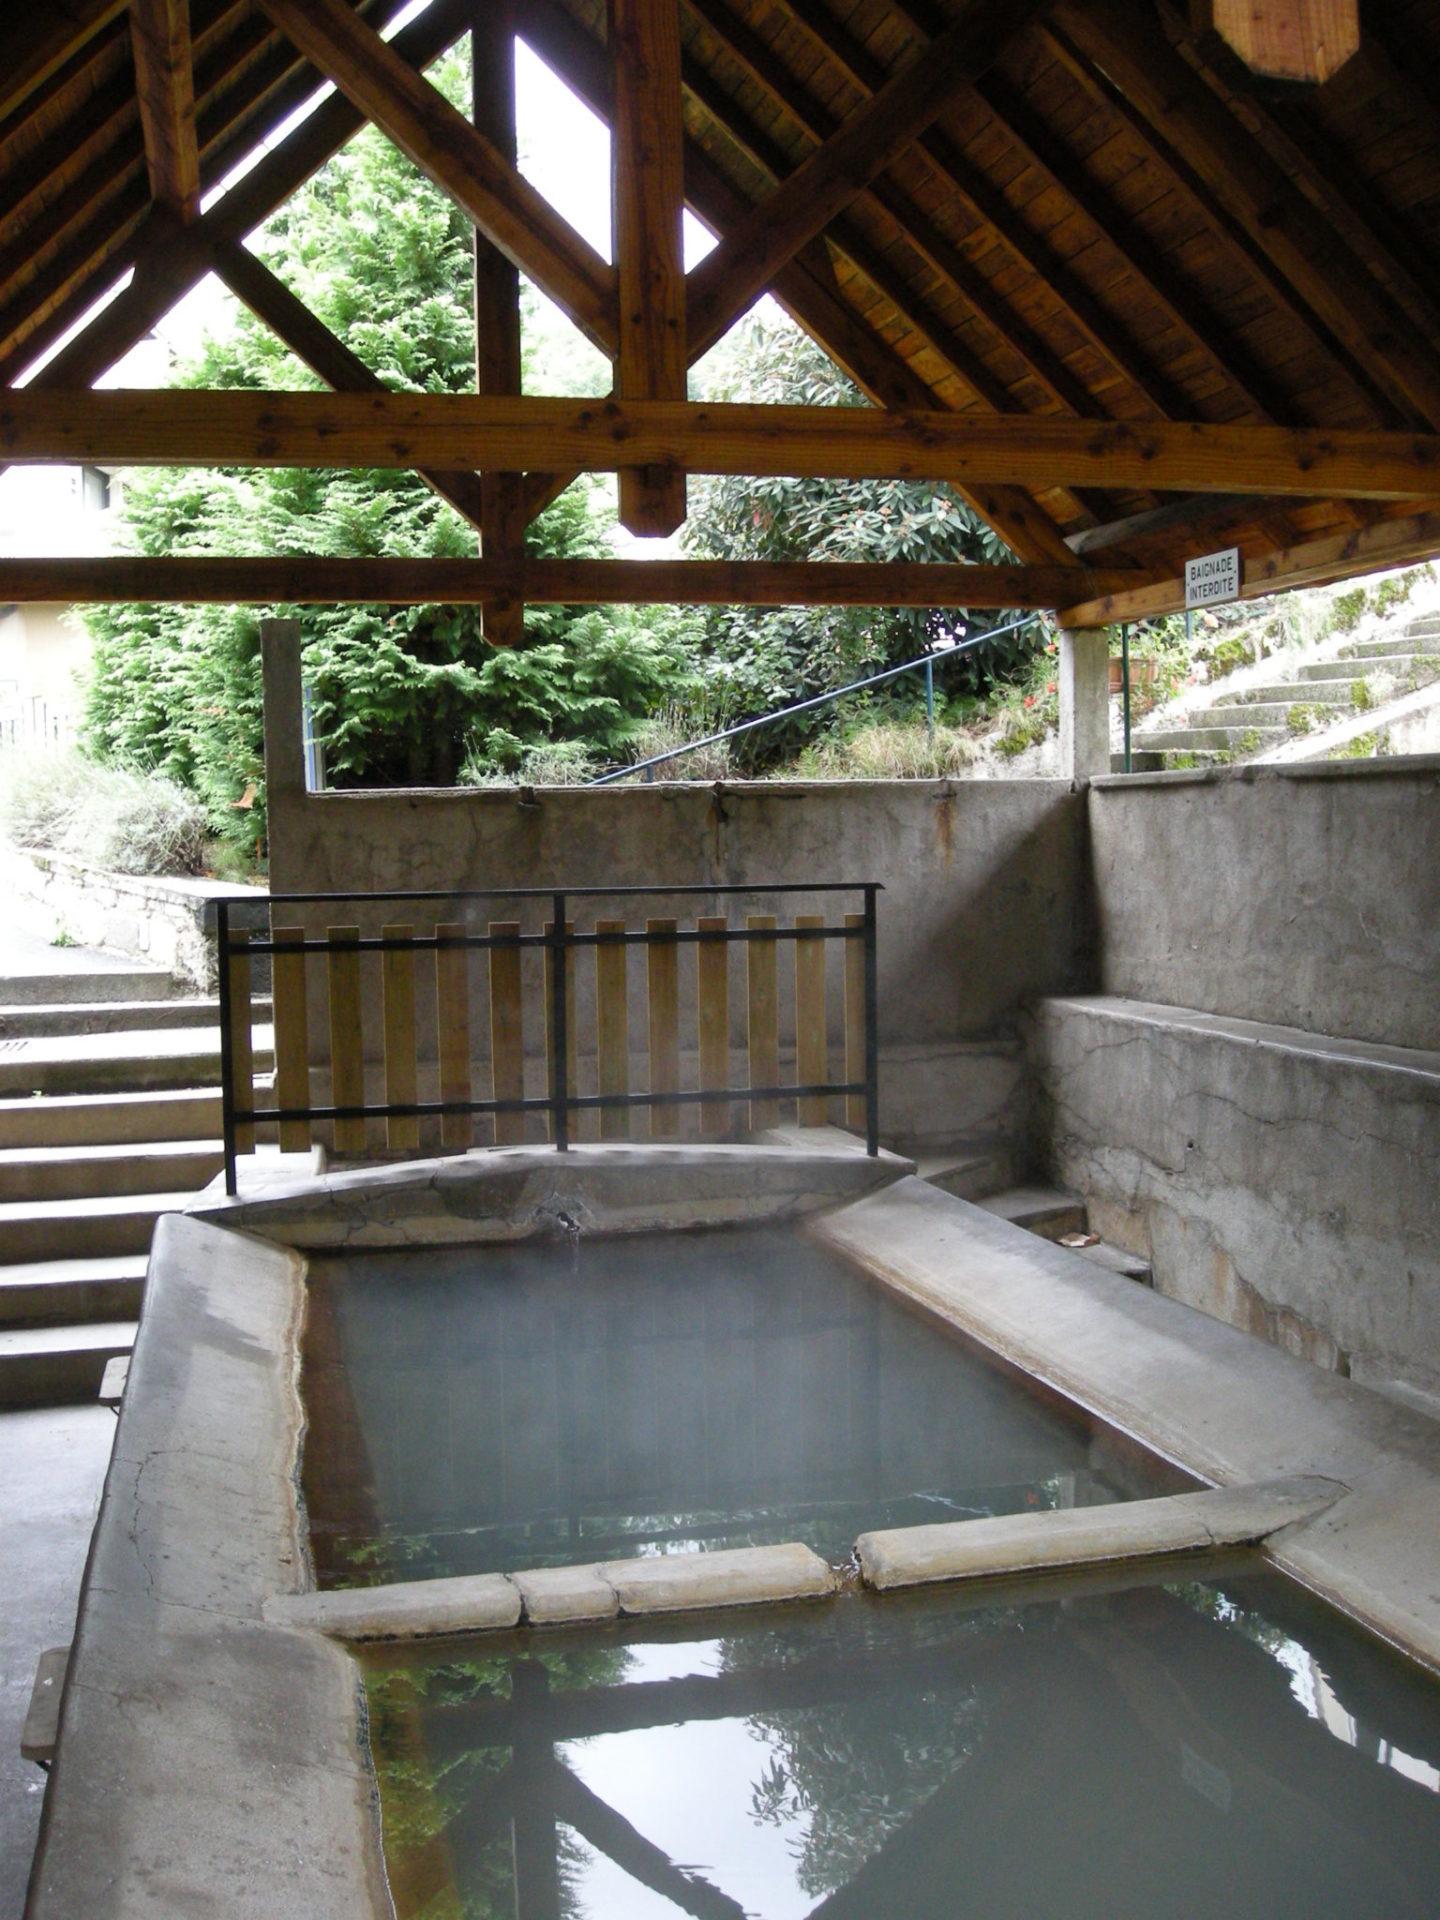 visiter le lavoir à eau chaude de la source Lestande à Chaudes Aigues